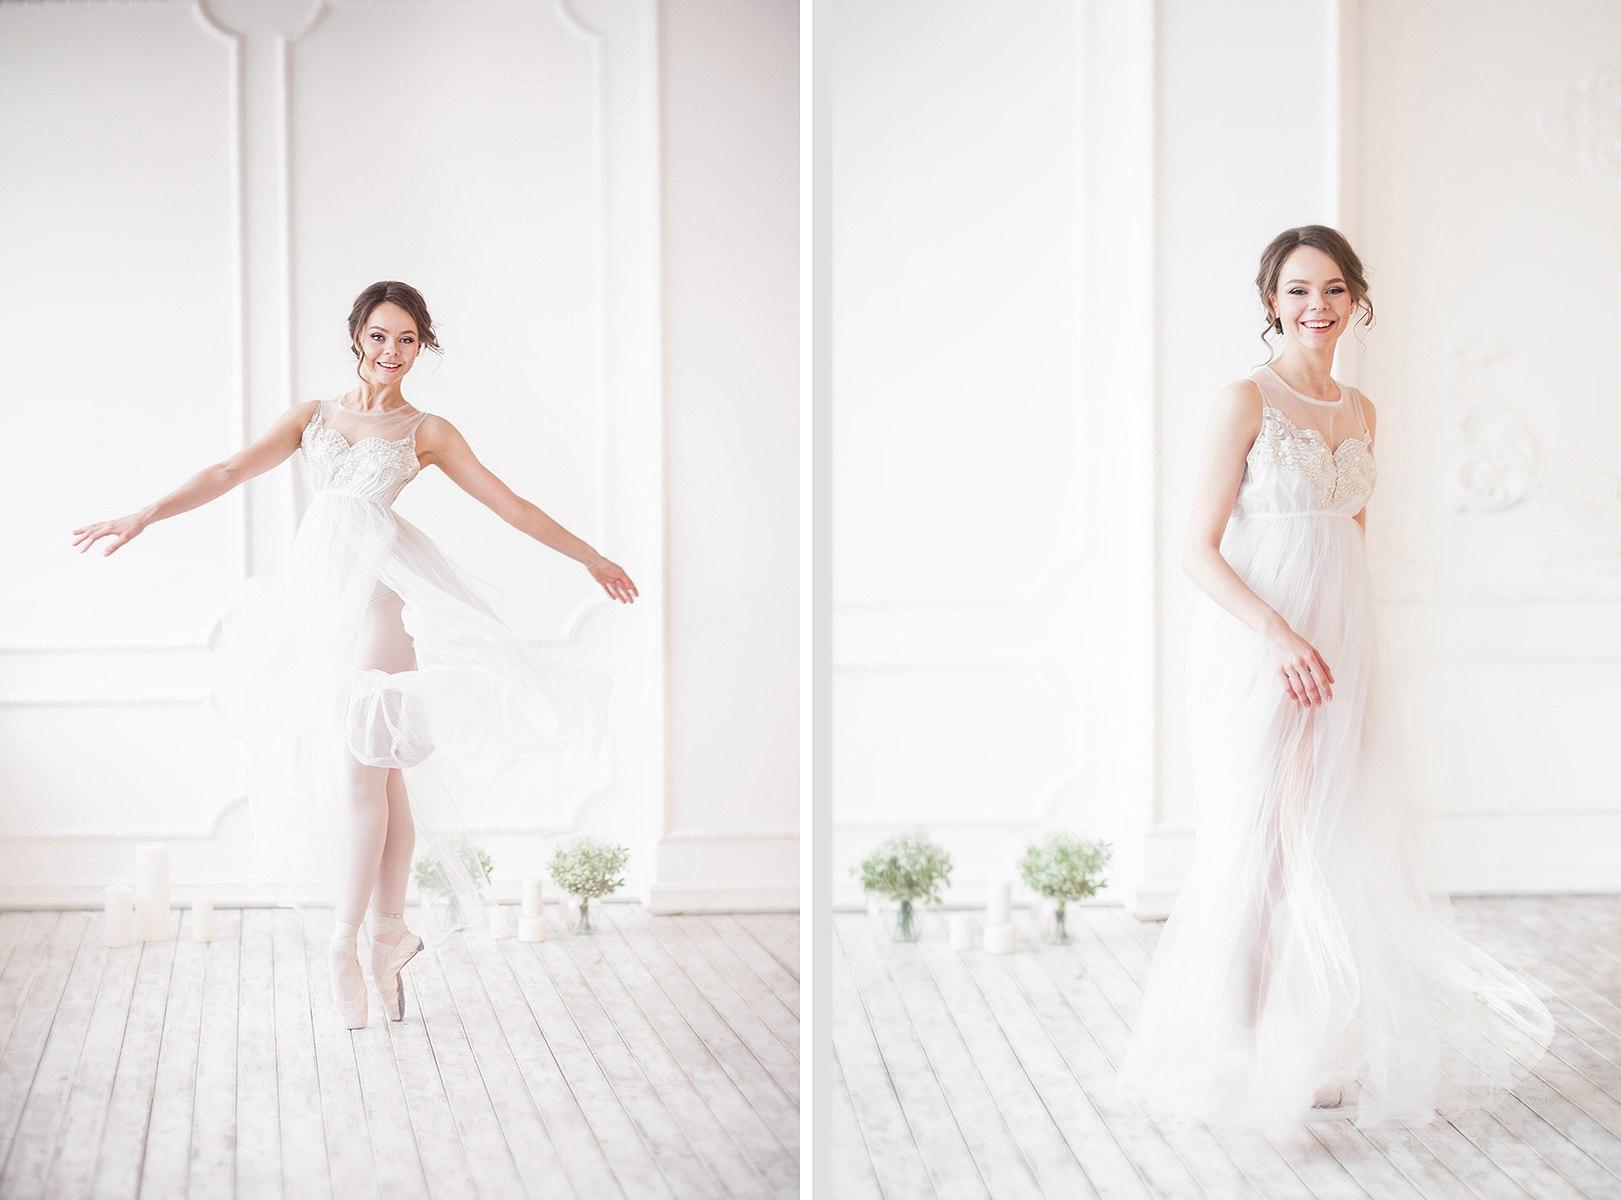 Фотосессия балерины в воздушном пеньюаре